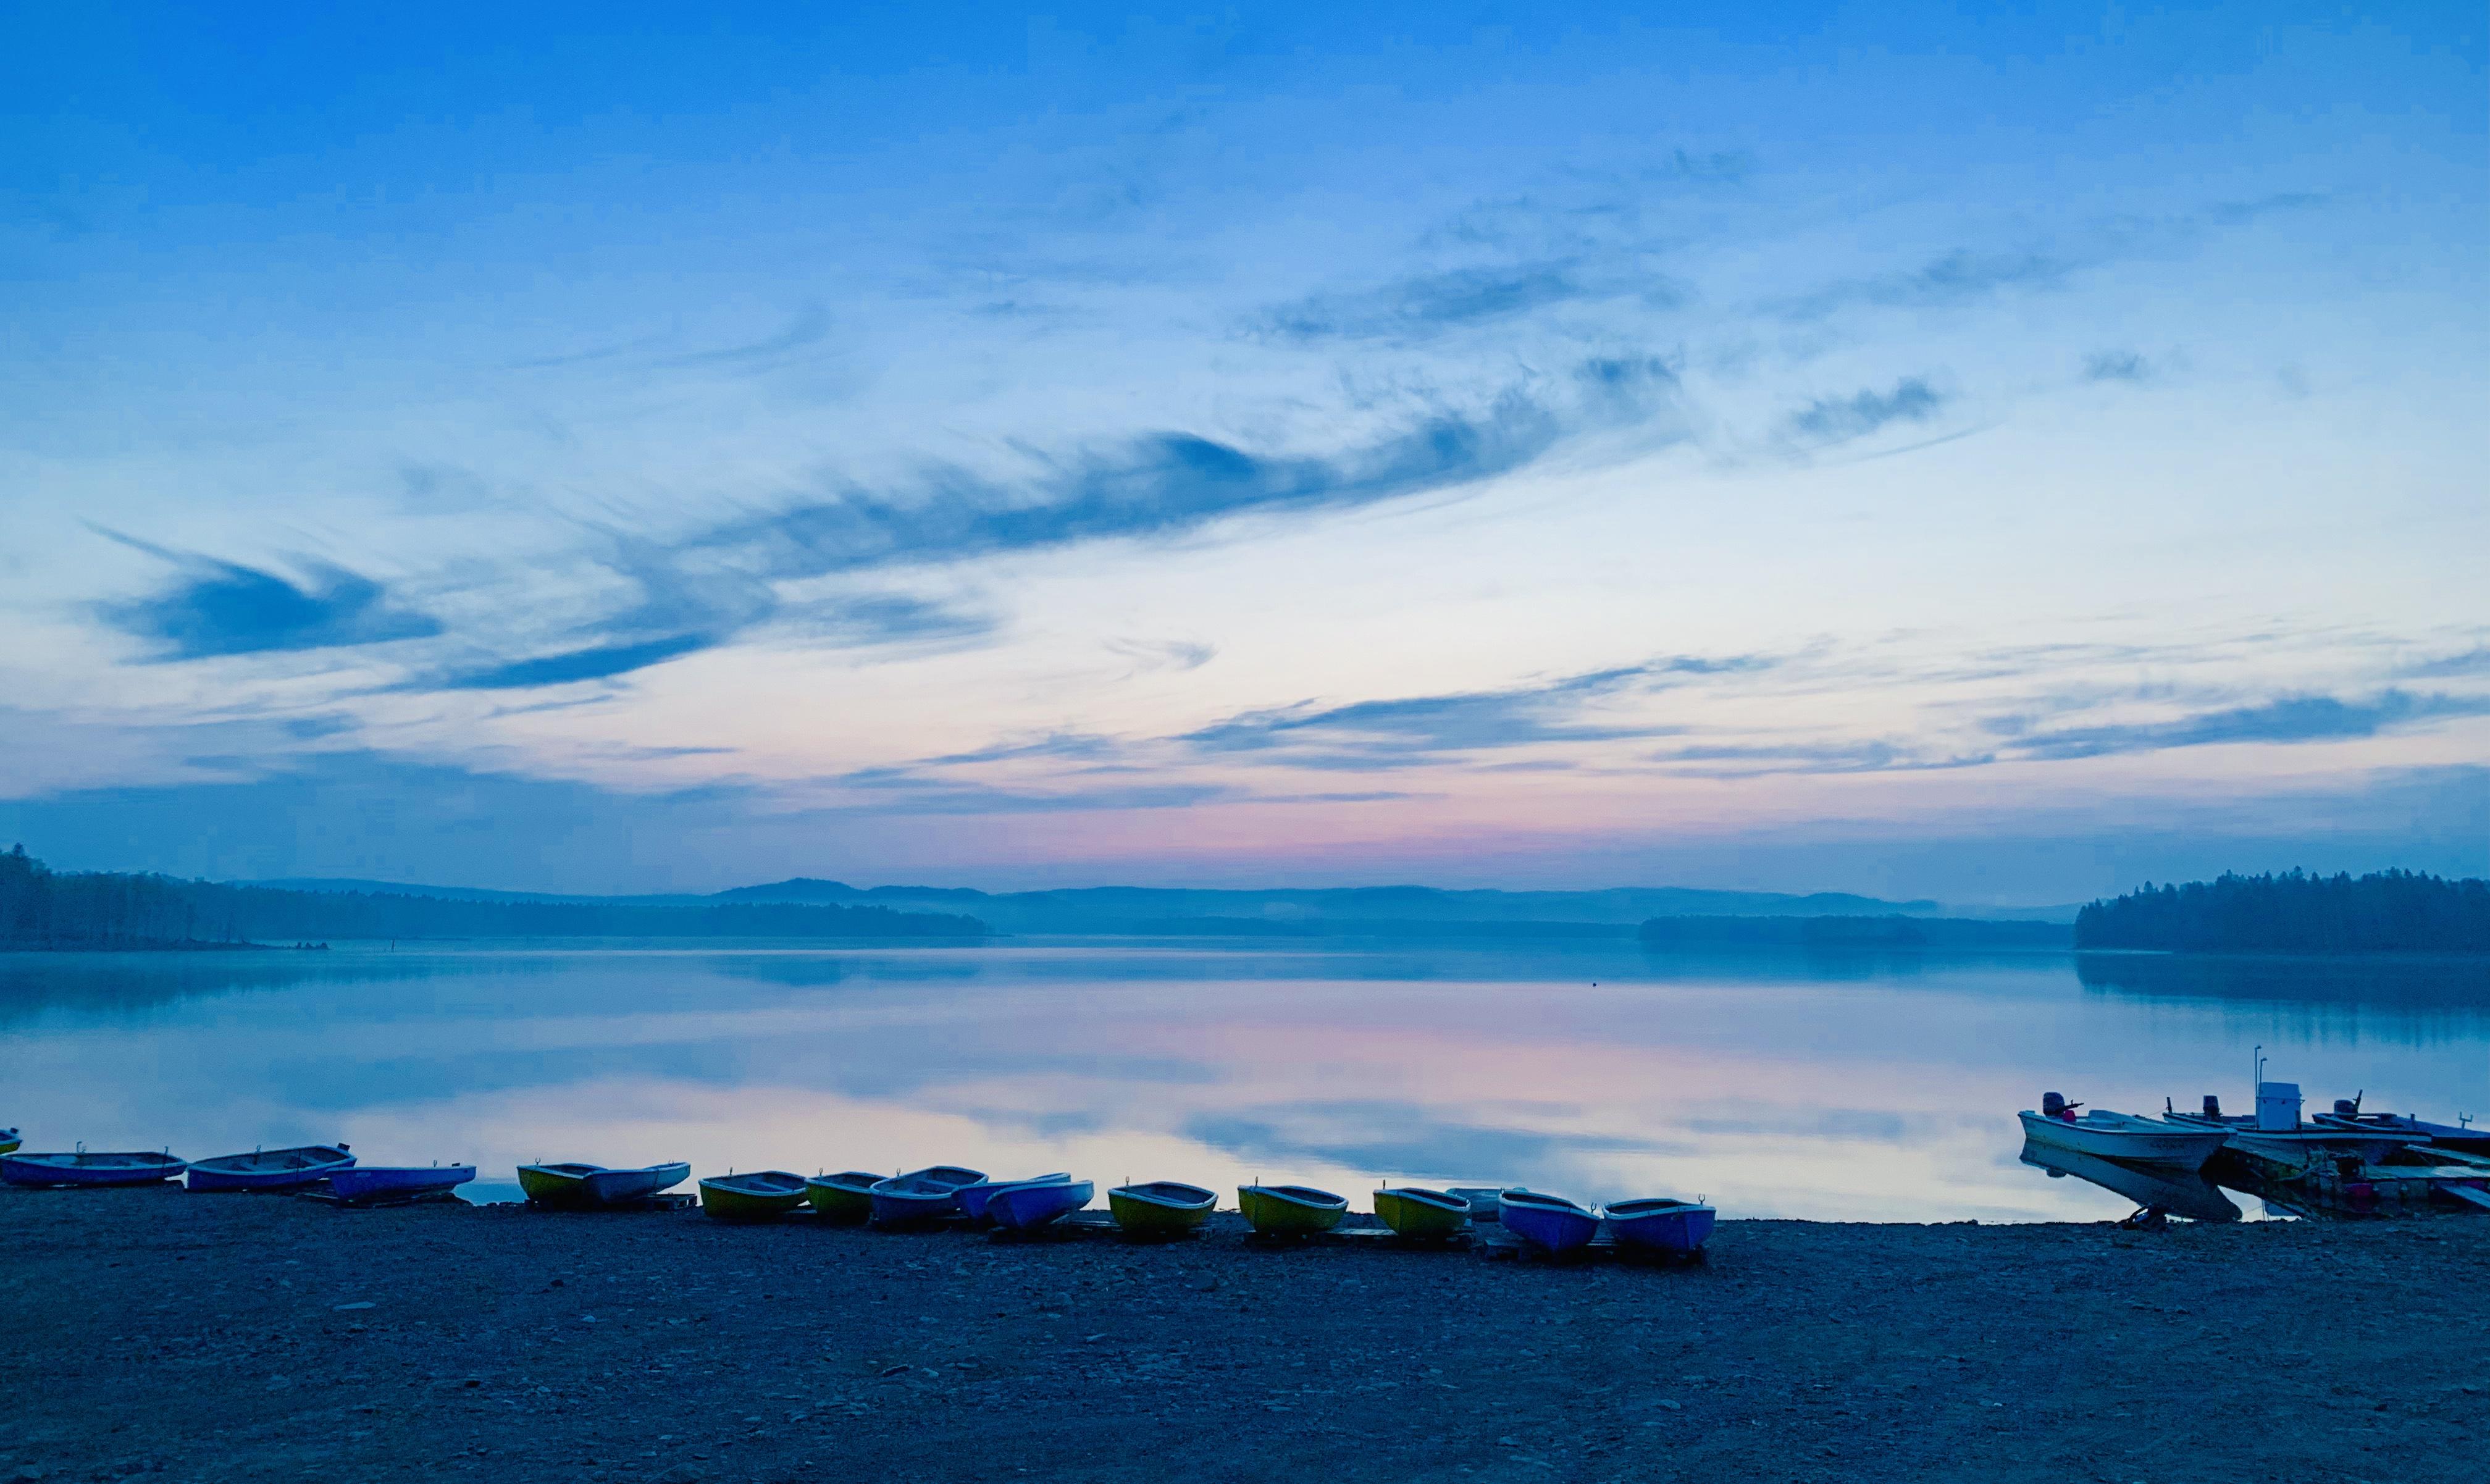 朱鞠内湖の朝焼け